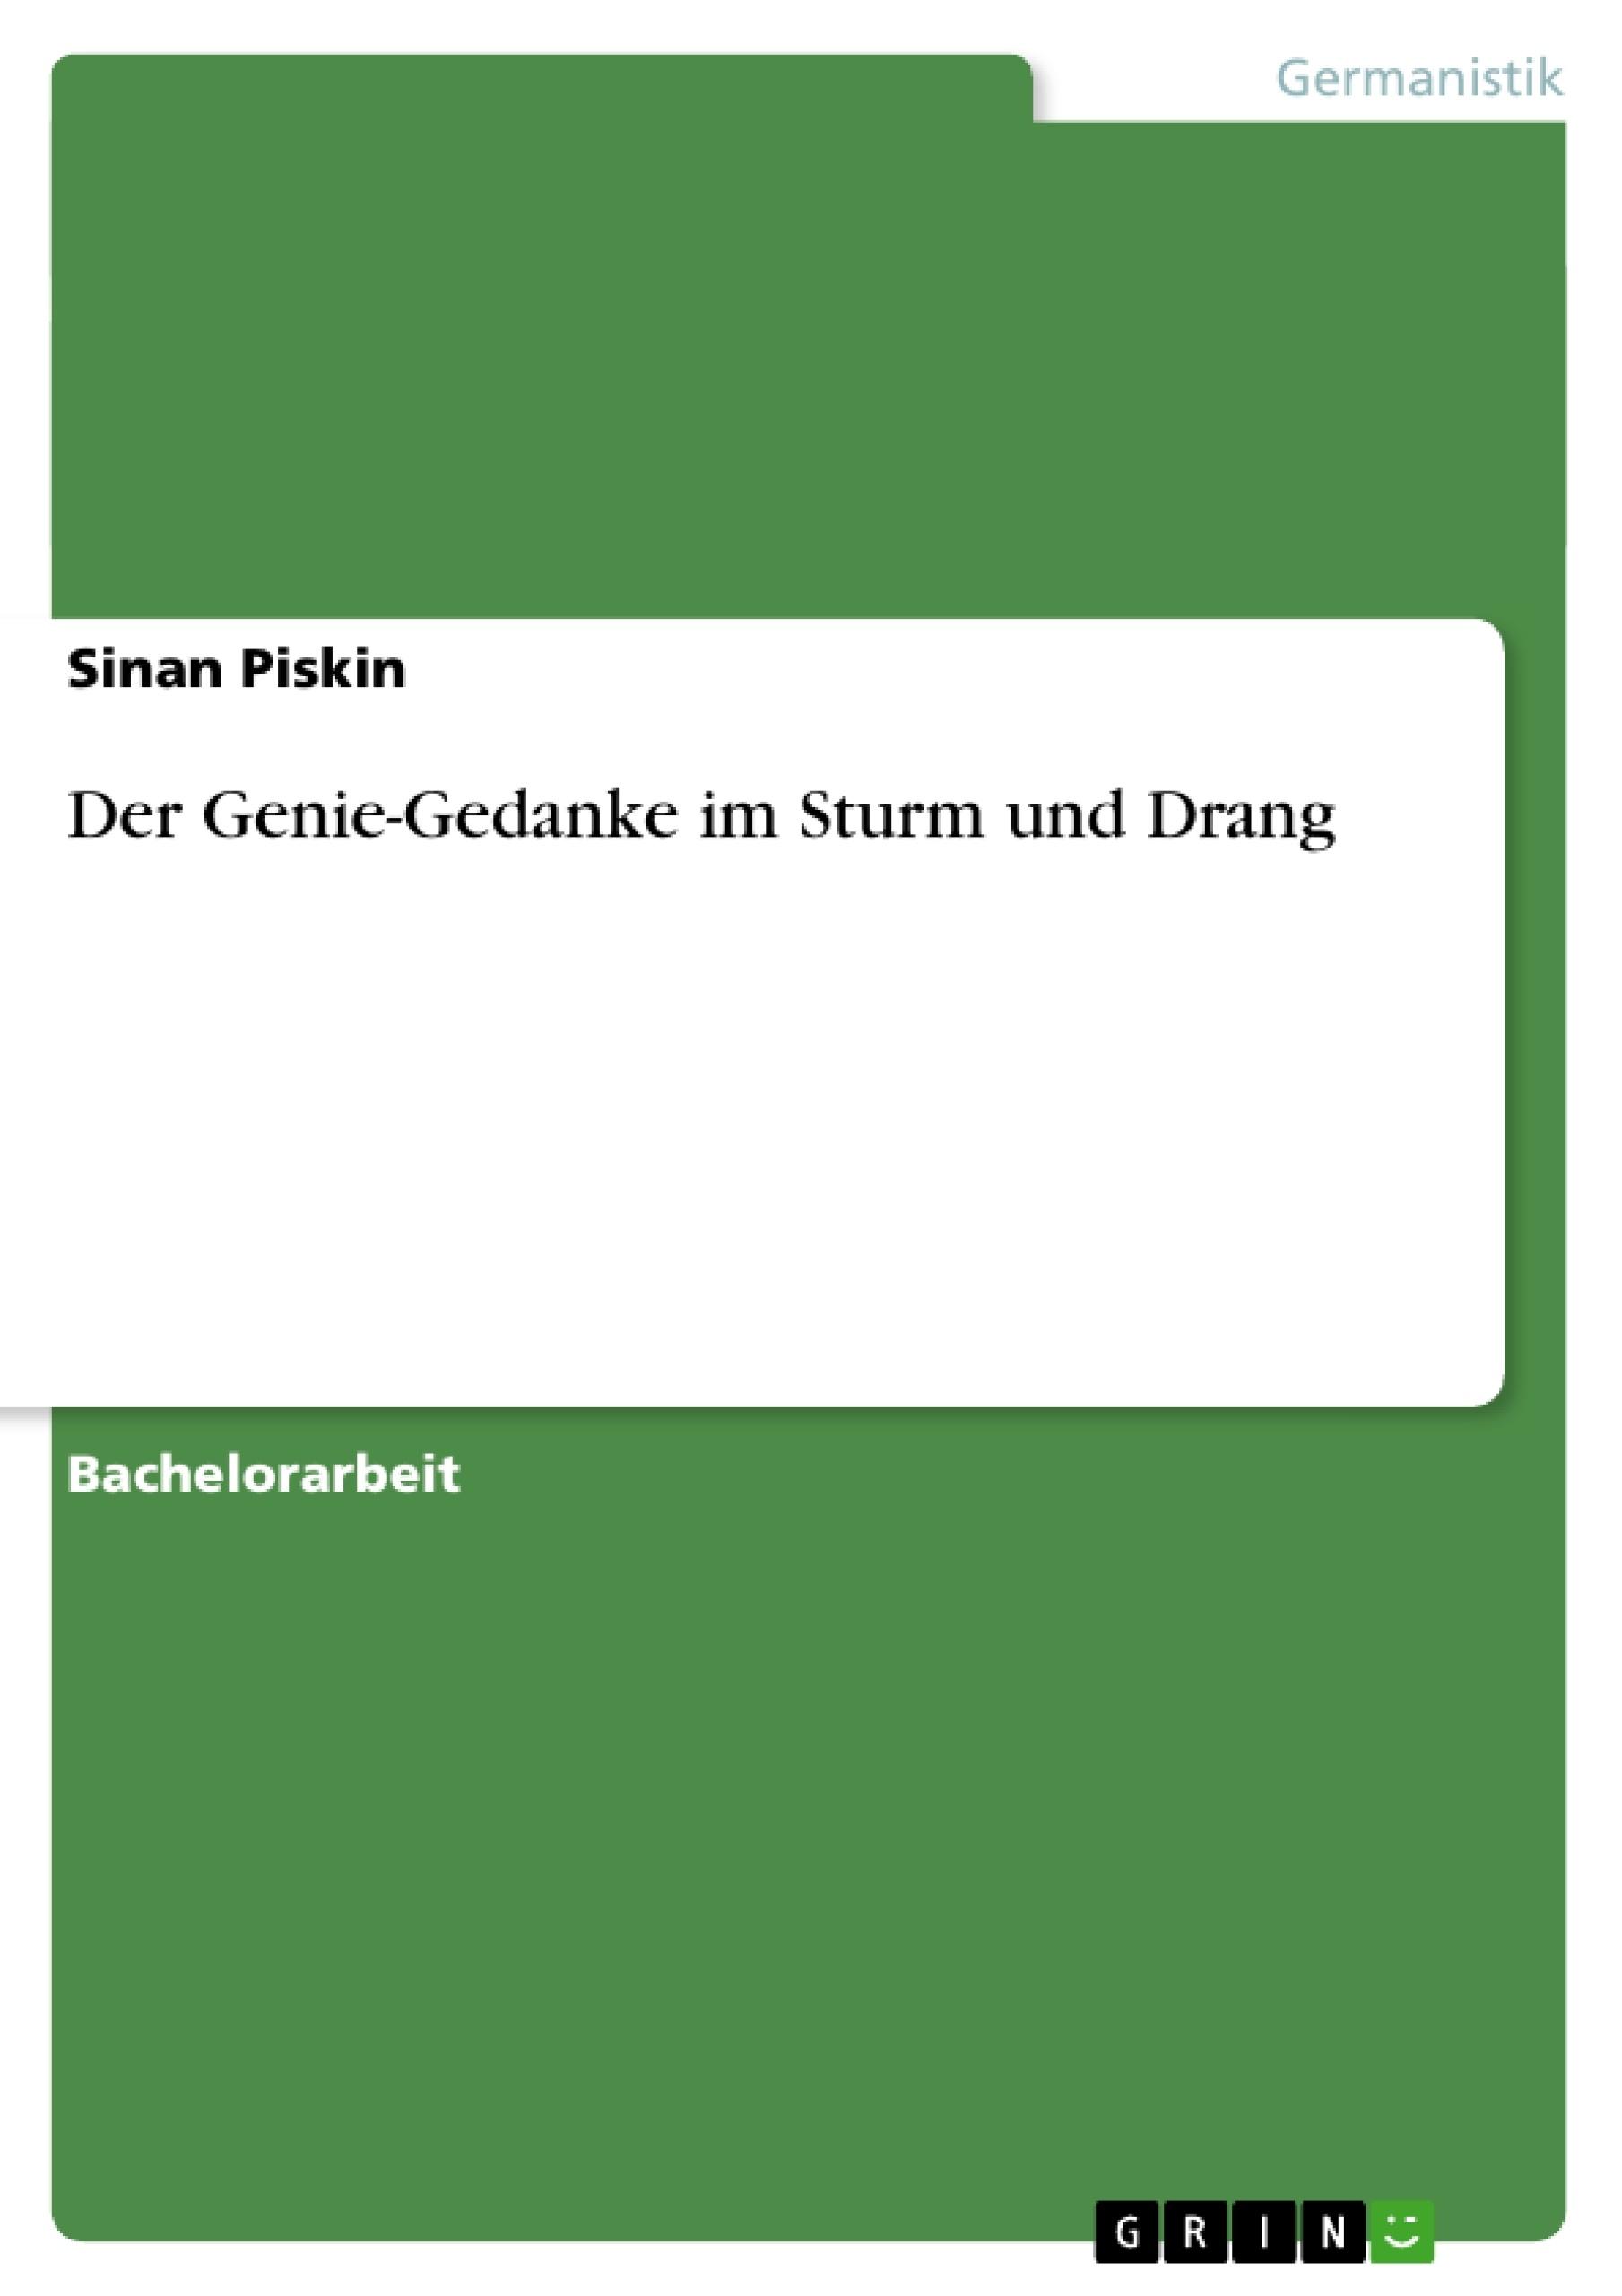 Titel: Der Genie-Gedanke im Sturm und Drang